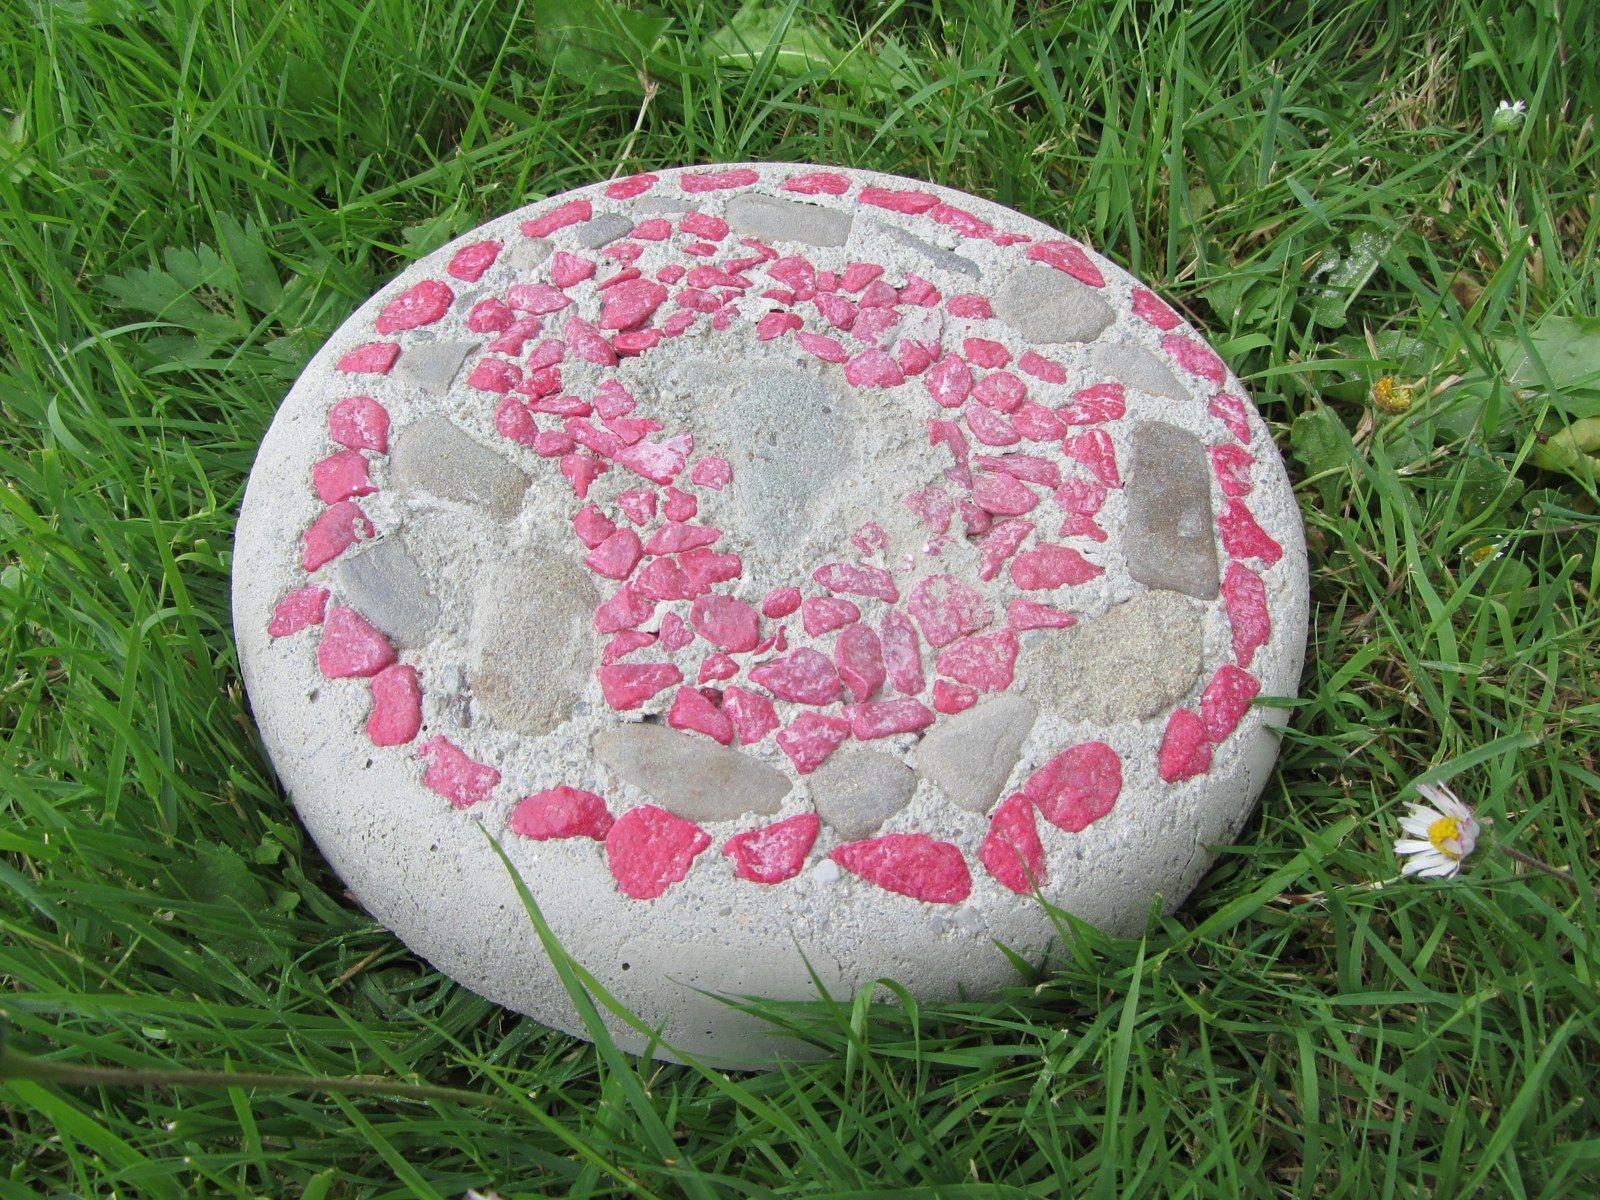 """Ozdoba zahrady Okrasný , dekorační kámen do zahrady. Můžete jej vsadit do chodníku, skalky nebo jako dekoraci kdekoliv na vaší zahradě. Je vyroben z betonu, barevných kamínků a přírodních kamenů. Průměr kamene je 19cm. Váha1,70kg. Aby výrobek k Vám došel nepoškozen, vyžaduje příplatek k pošovnému, 30Kč kvůli označení """"křehké""""."""